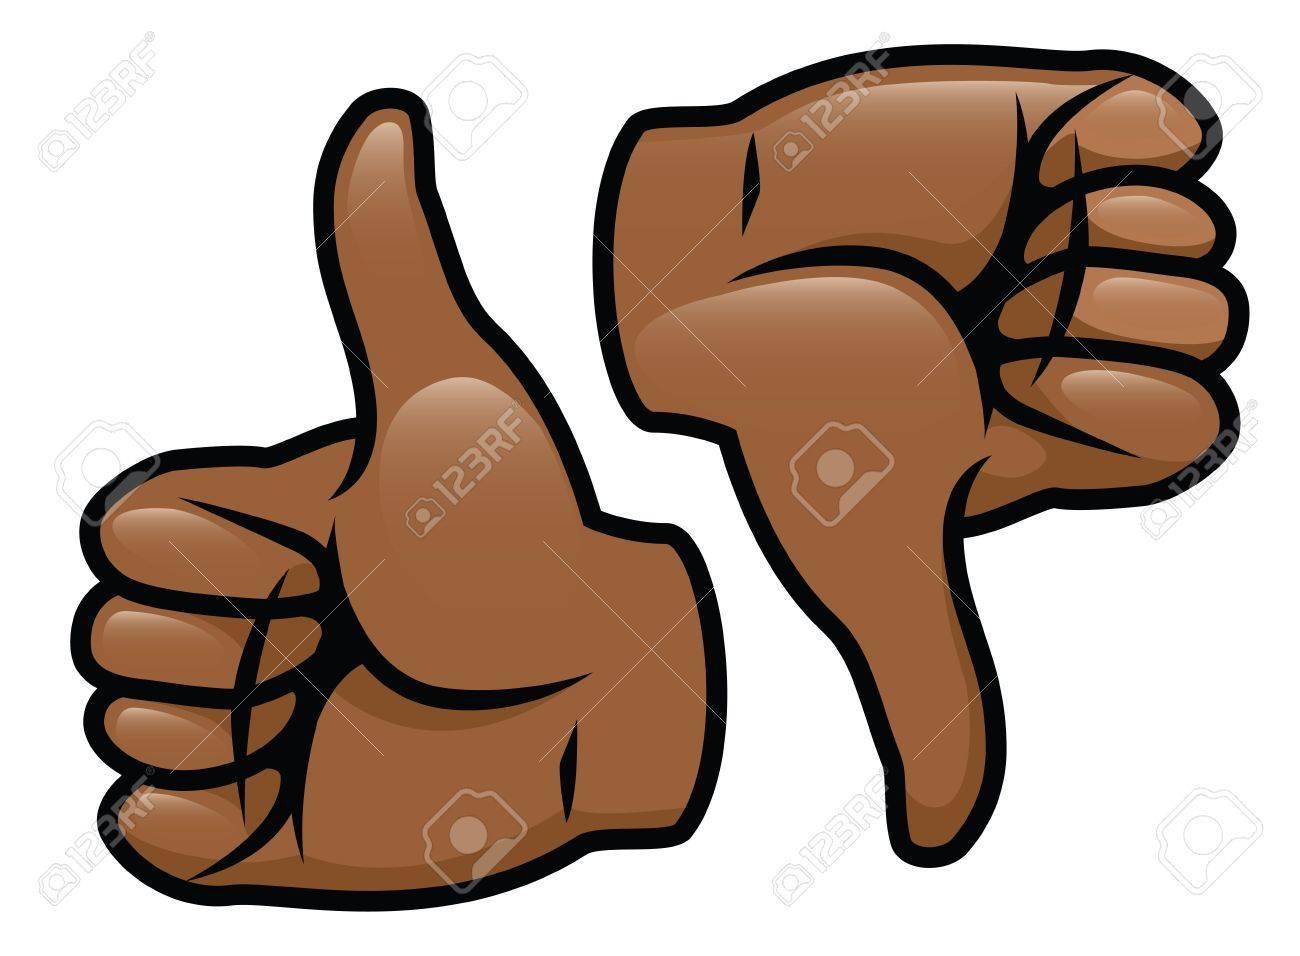 1300x956 Thumbs Down Clip Art